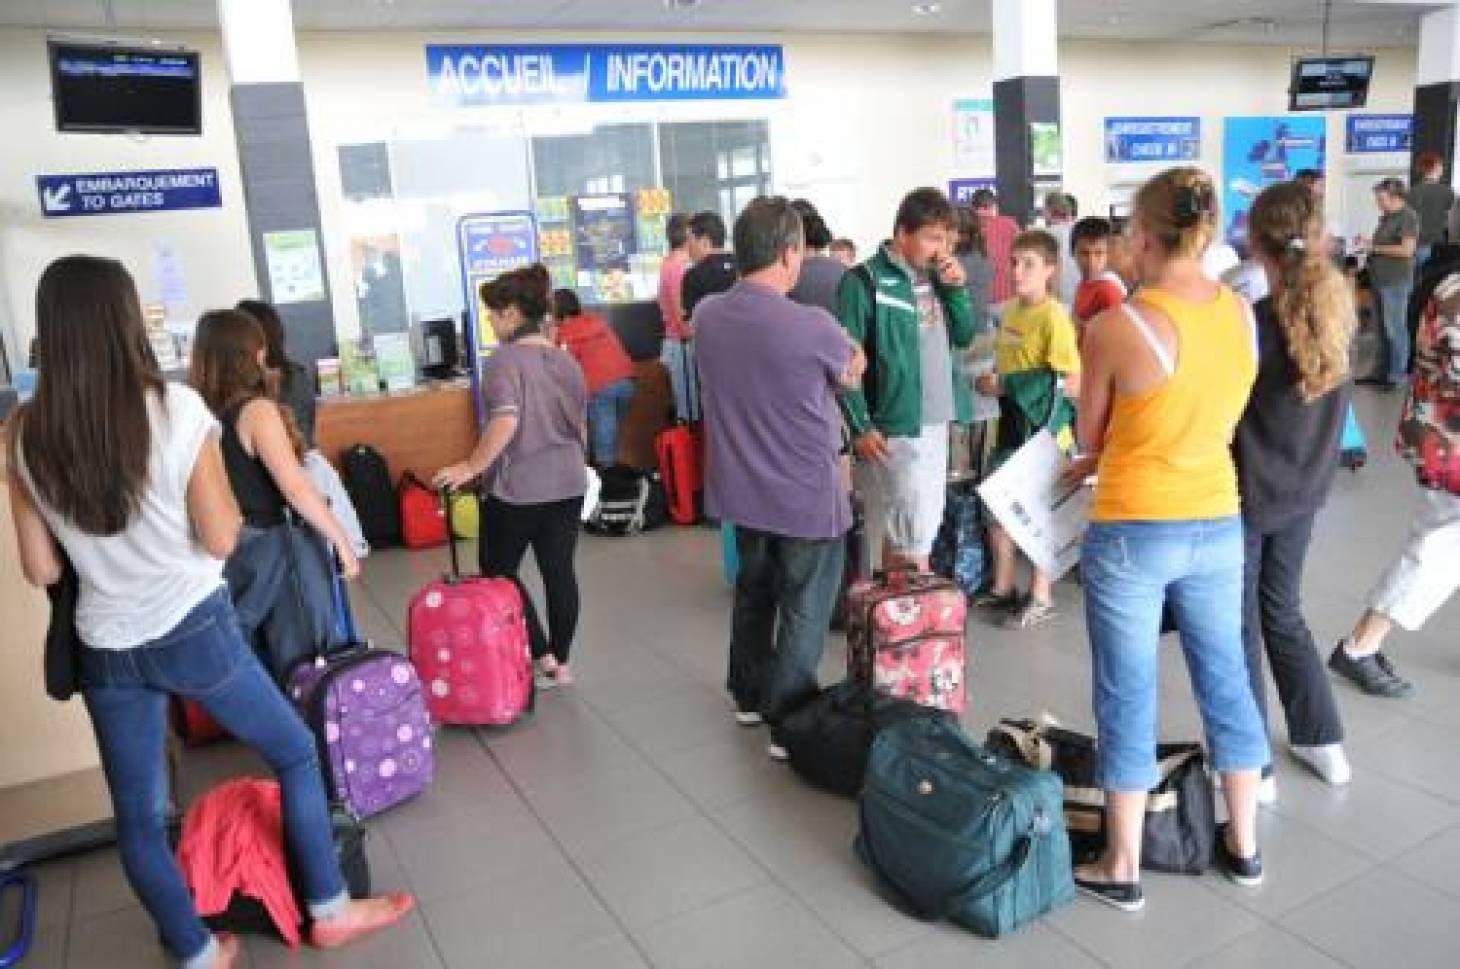 Aéroport de Tours en travaux :<br>2 400 passagers attendus à Poitiers